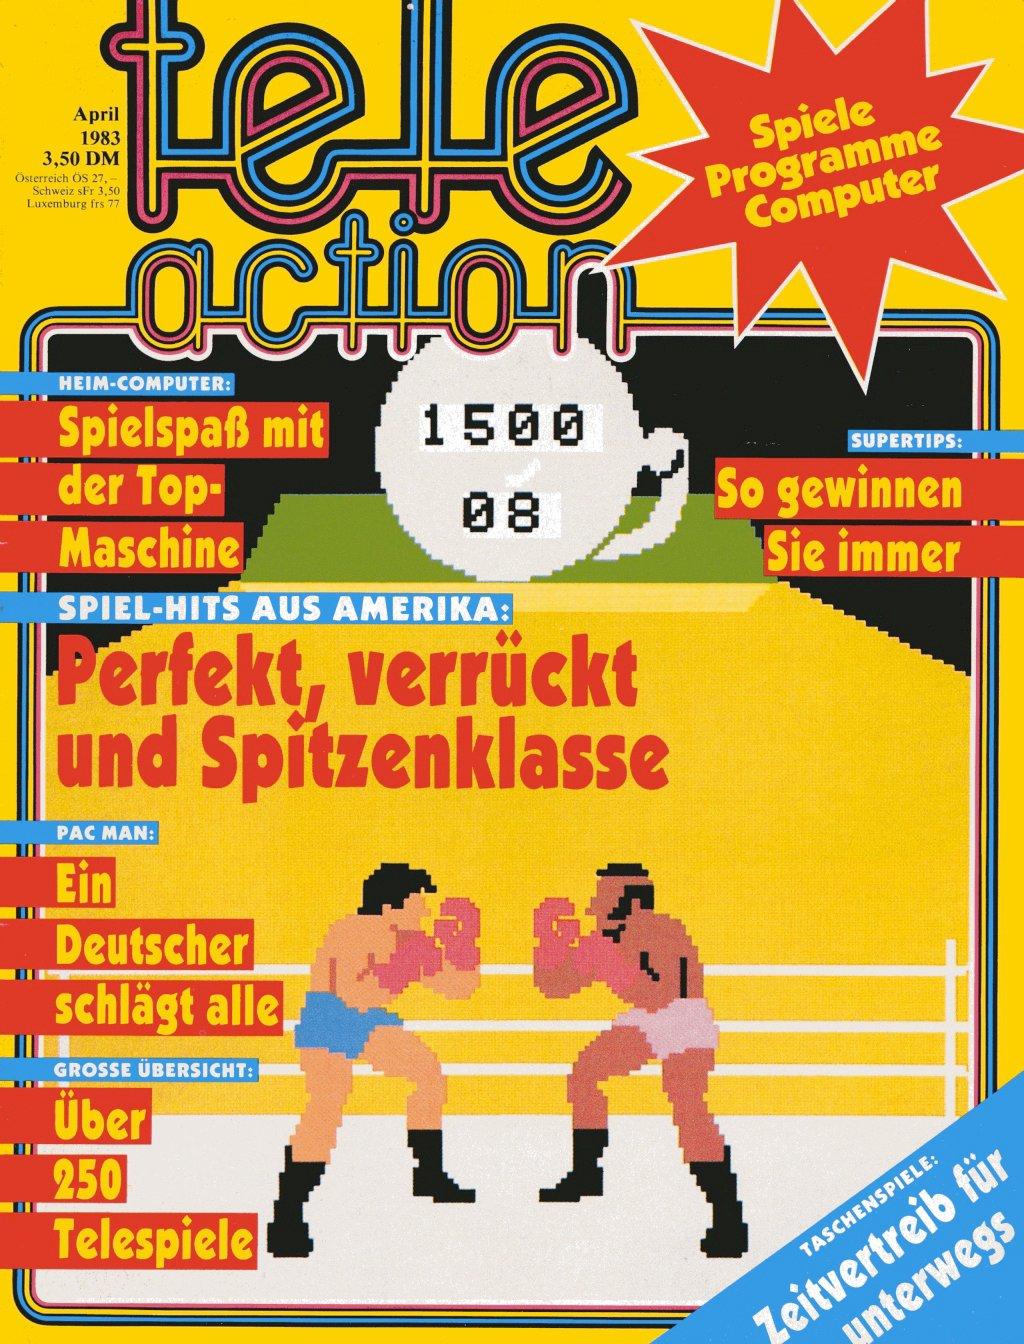 Das Cover der Erstausgabe der tele action, April 1983. (Bild: Ehapa-Verlag)